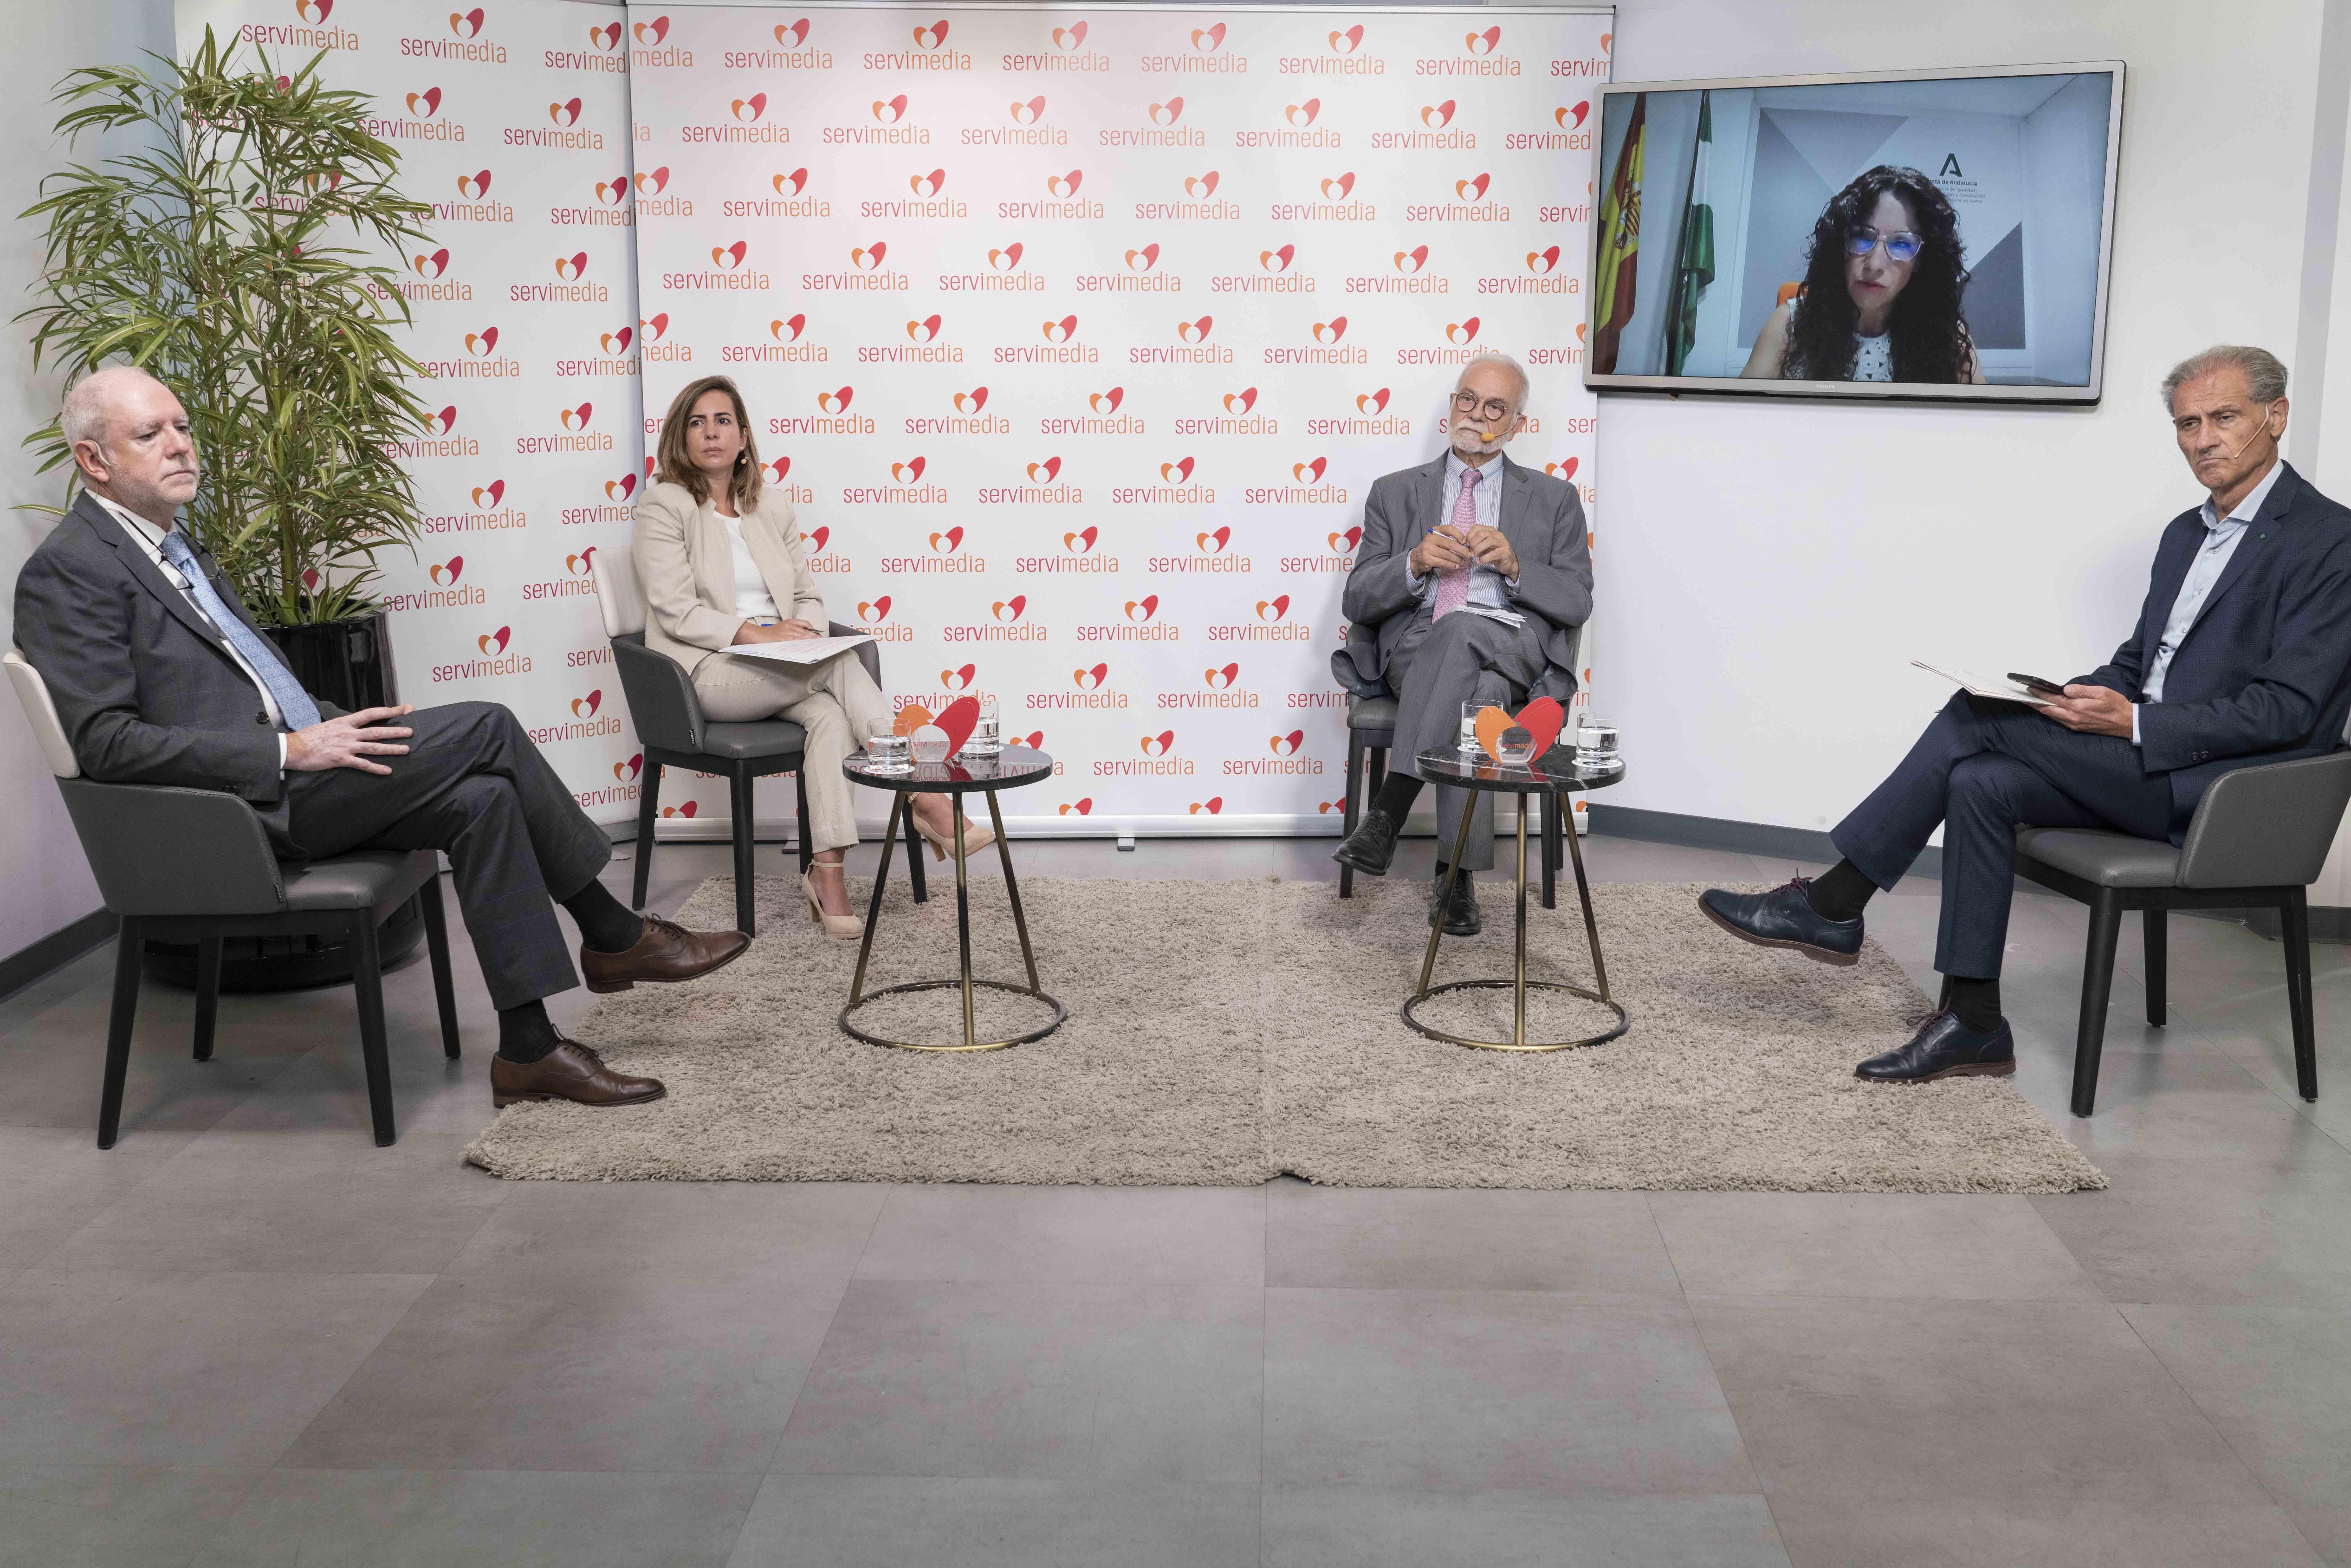 Las fundaciones corporativas apuestan por la digitalización, la innovación y la flexibilidad para responder al impacto de la pandemia